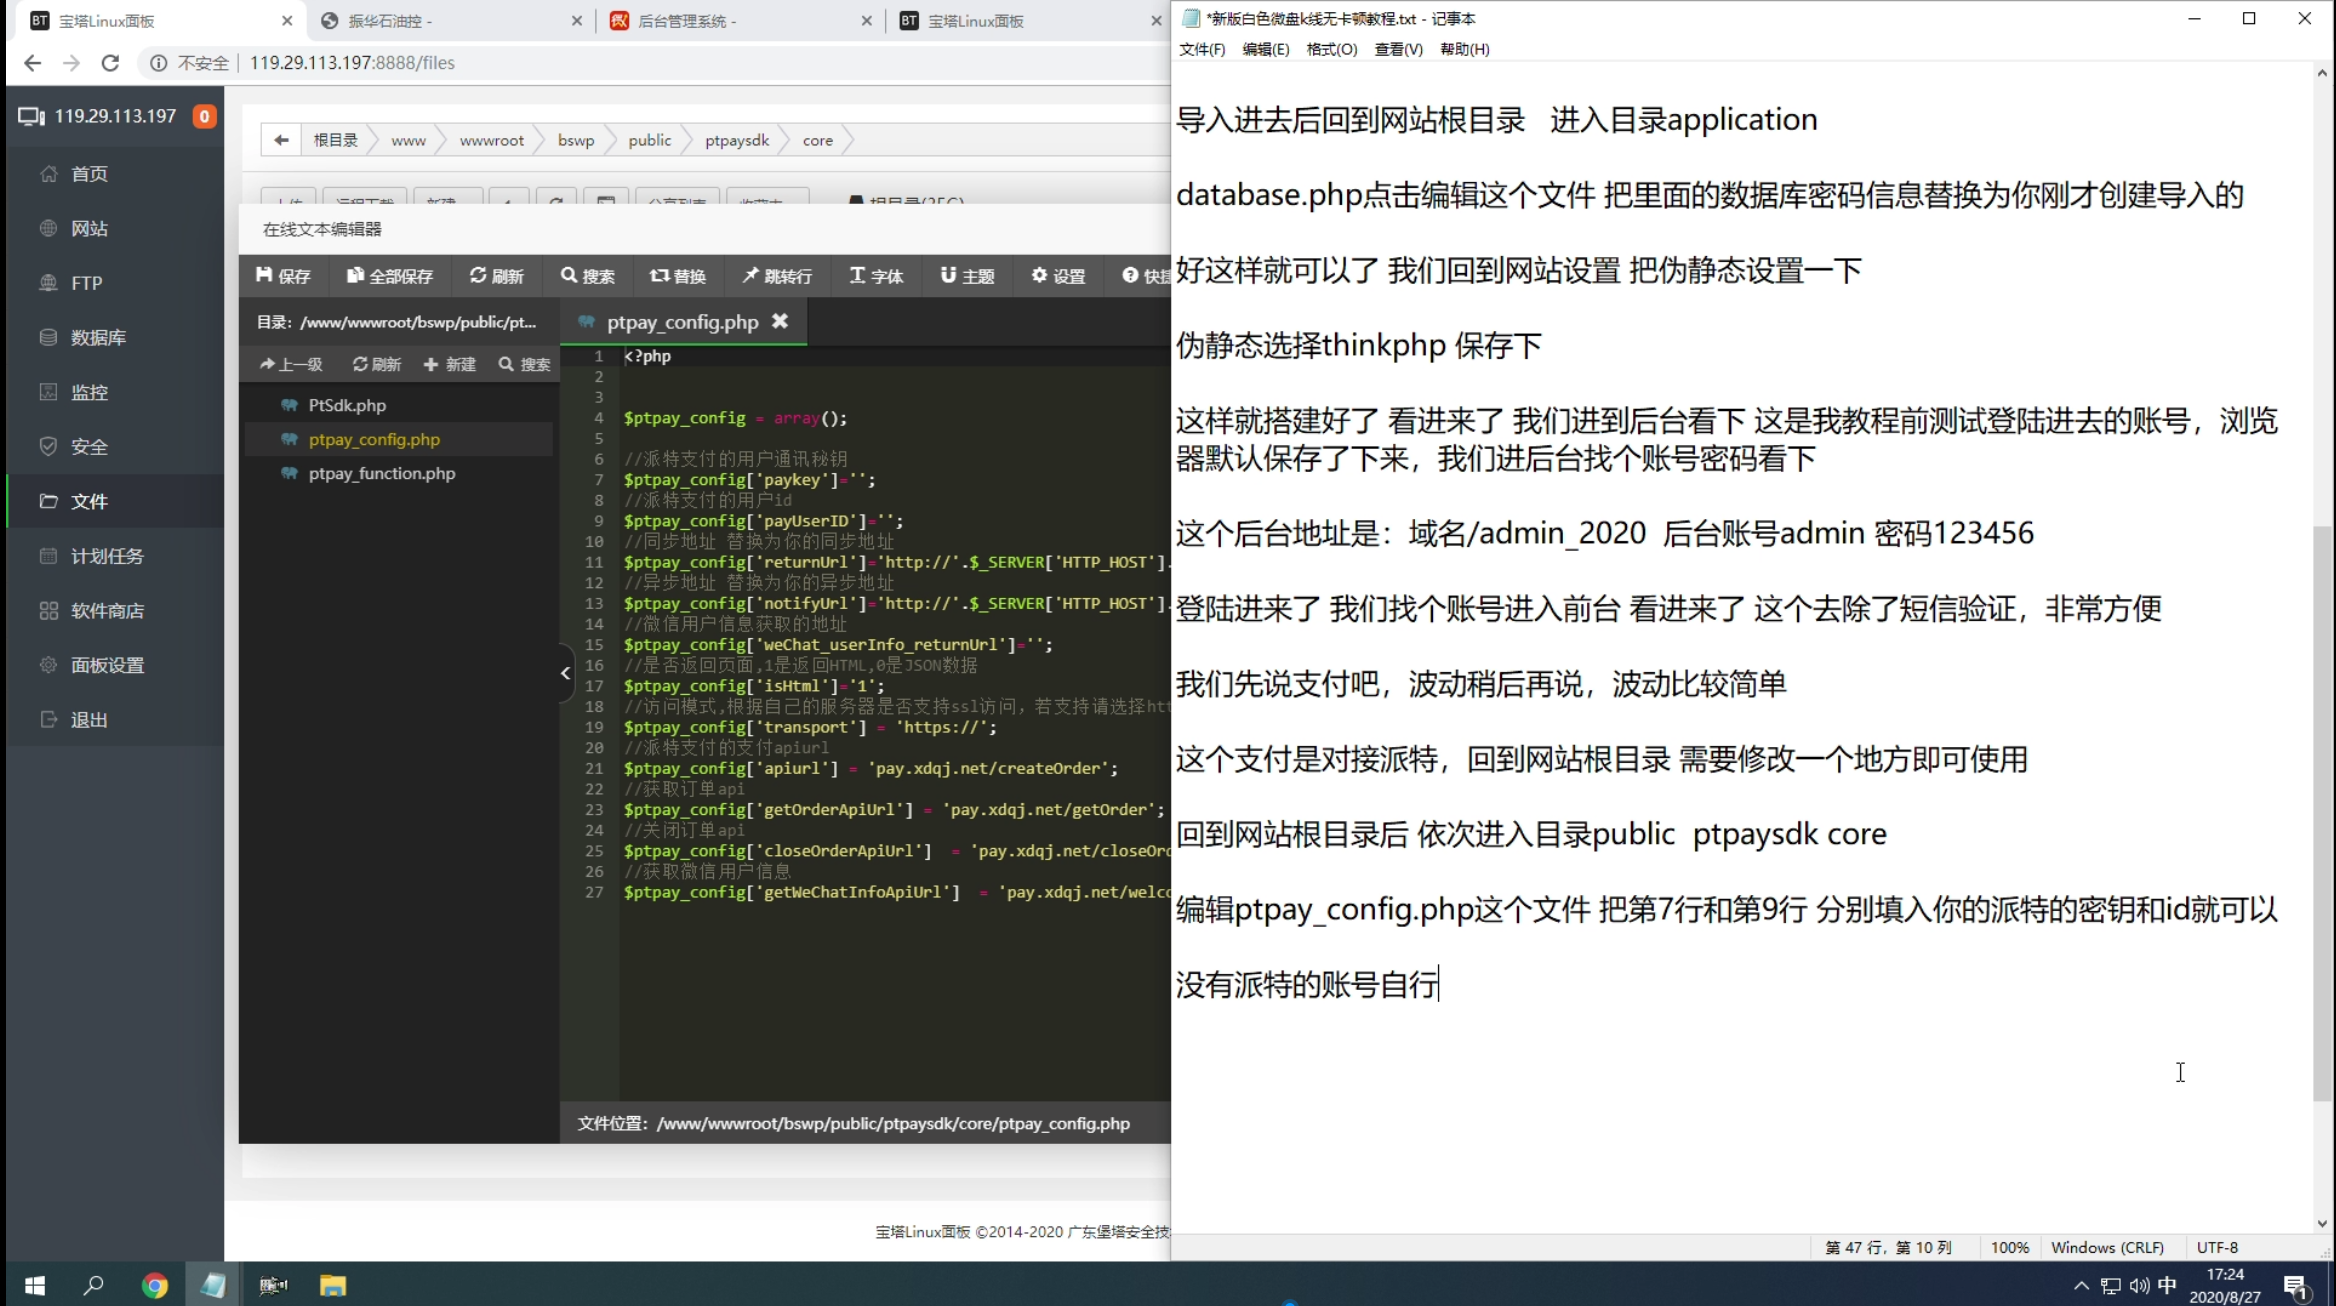 【用户投稿】八月最新录制二开版白色UI微盘系统源码搭建教学+详细环境开始对接支付接口教程